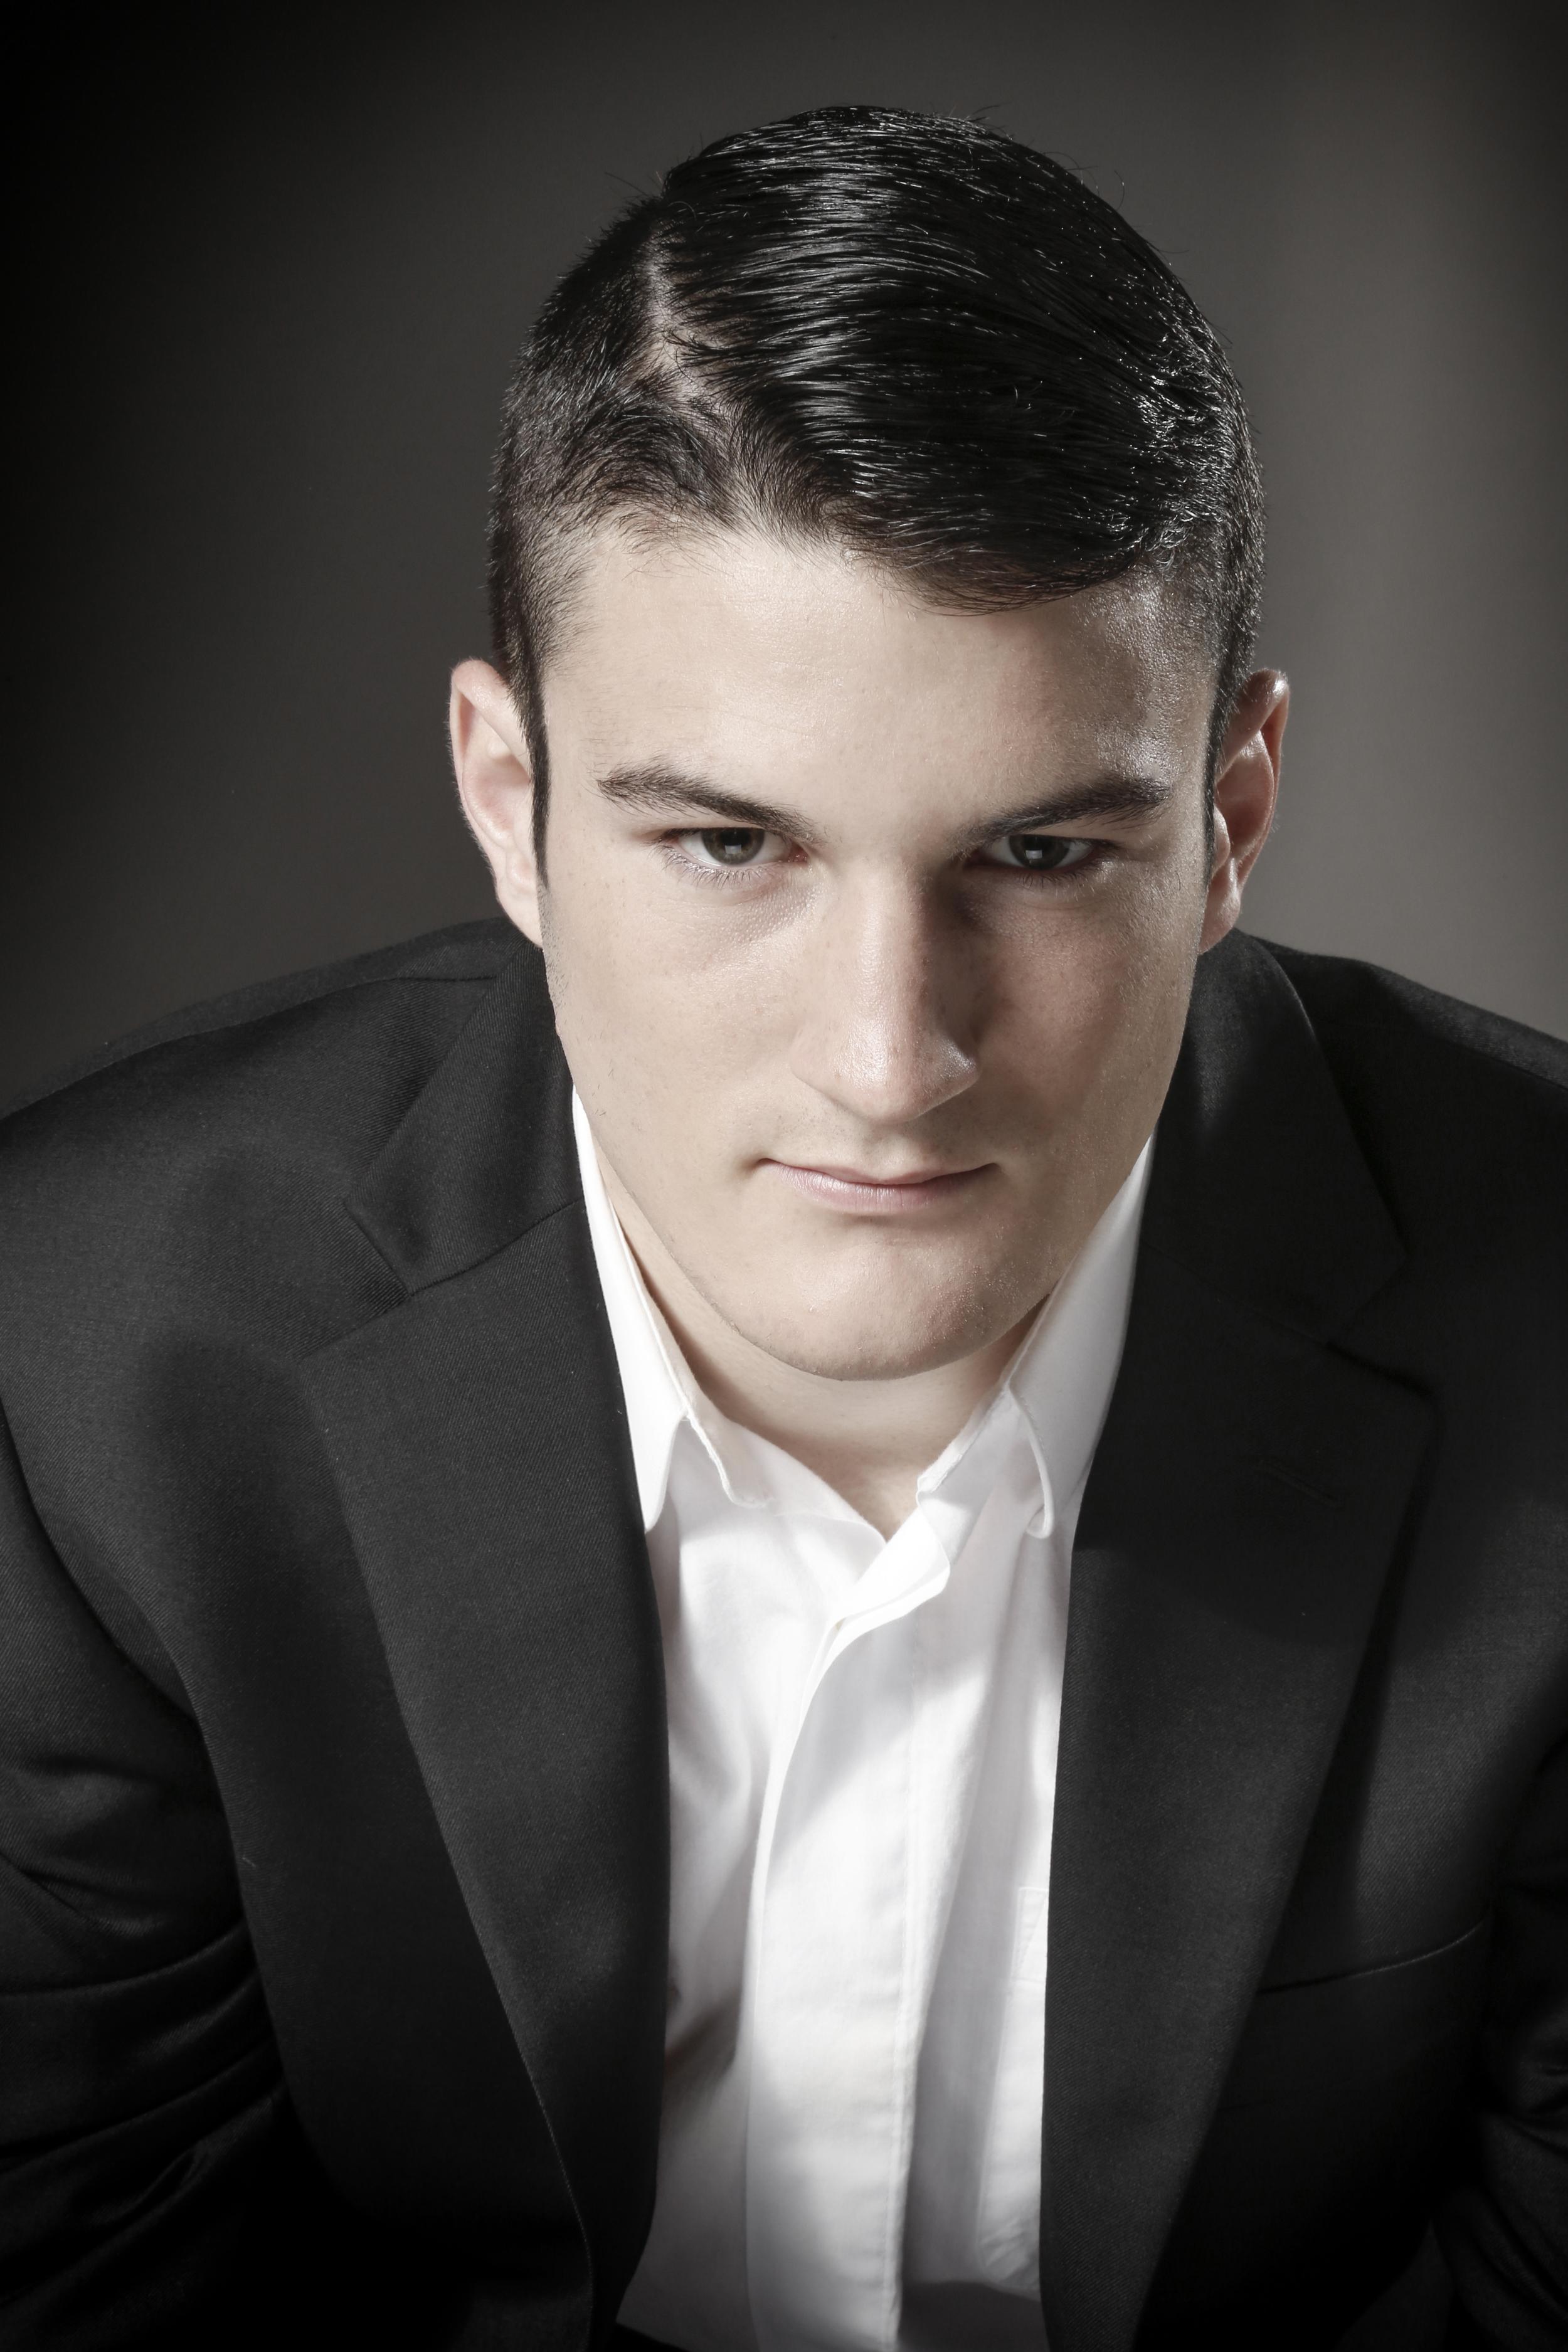 Kary Molnar for Michael Christopher Salon, Highland Heights, Ohio